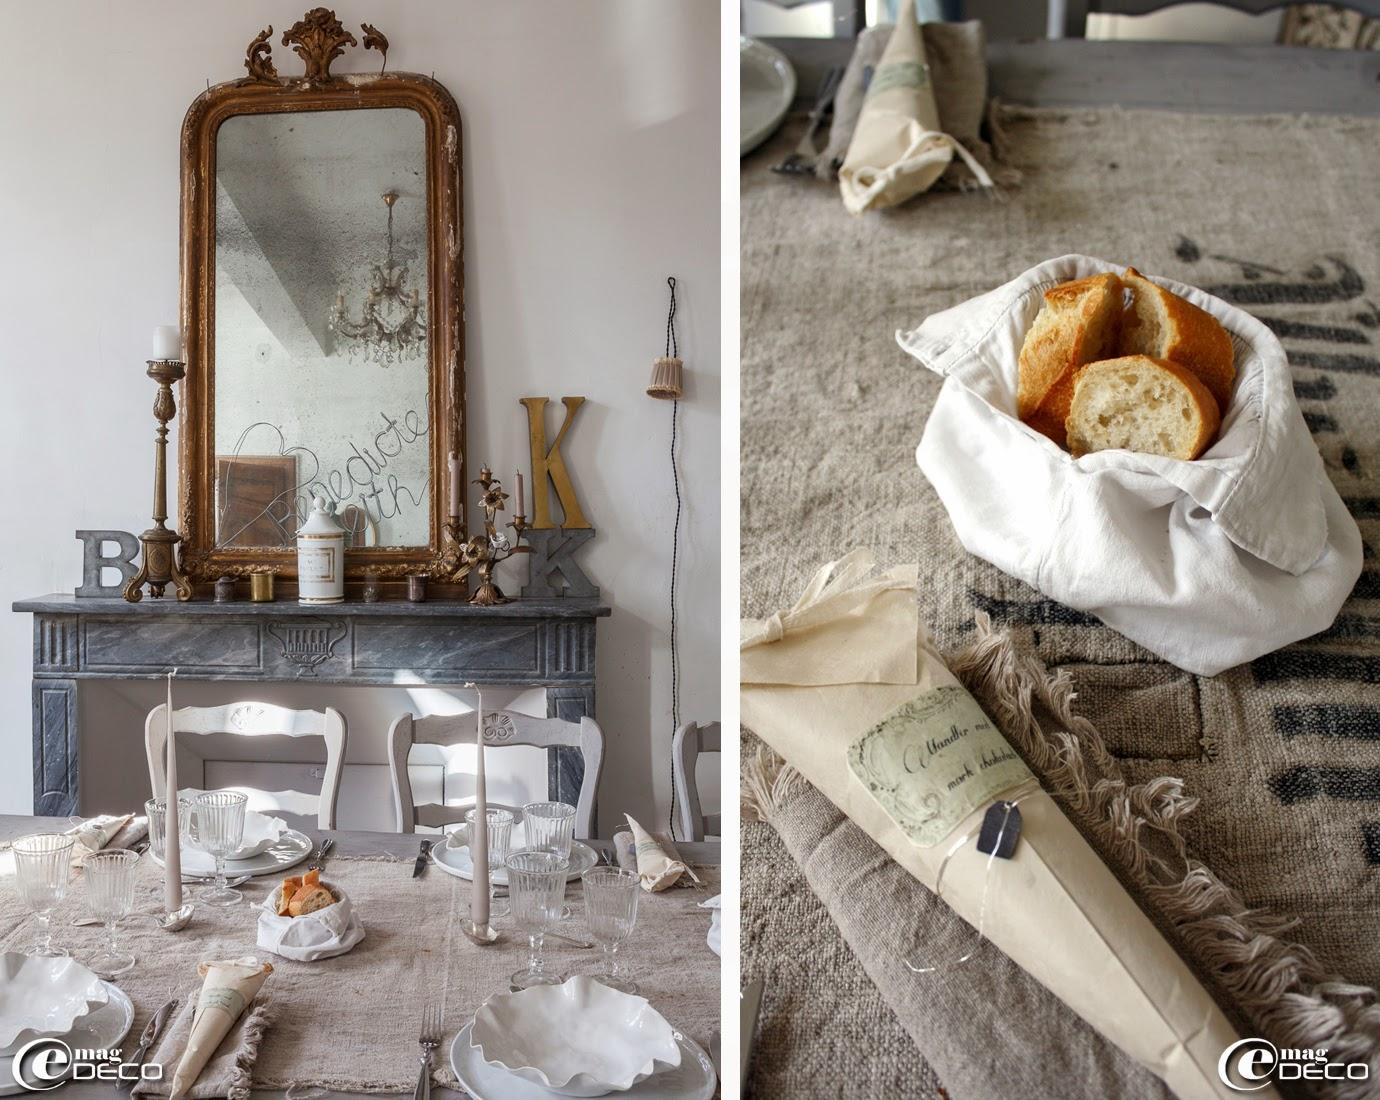 Table dressée avec de la vaisselle 'Pomax', des bougeoirs en métal argenté en forme de cuillères à soupe, un ancien sac à grain en guise de chemin de table et une corbeille à pain réalisée avec une manche de chemise ancienne, en vente dan la boutique 'Clair de Lune' à Uzès